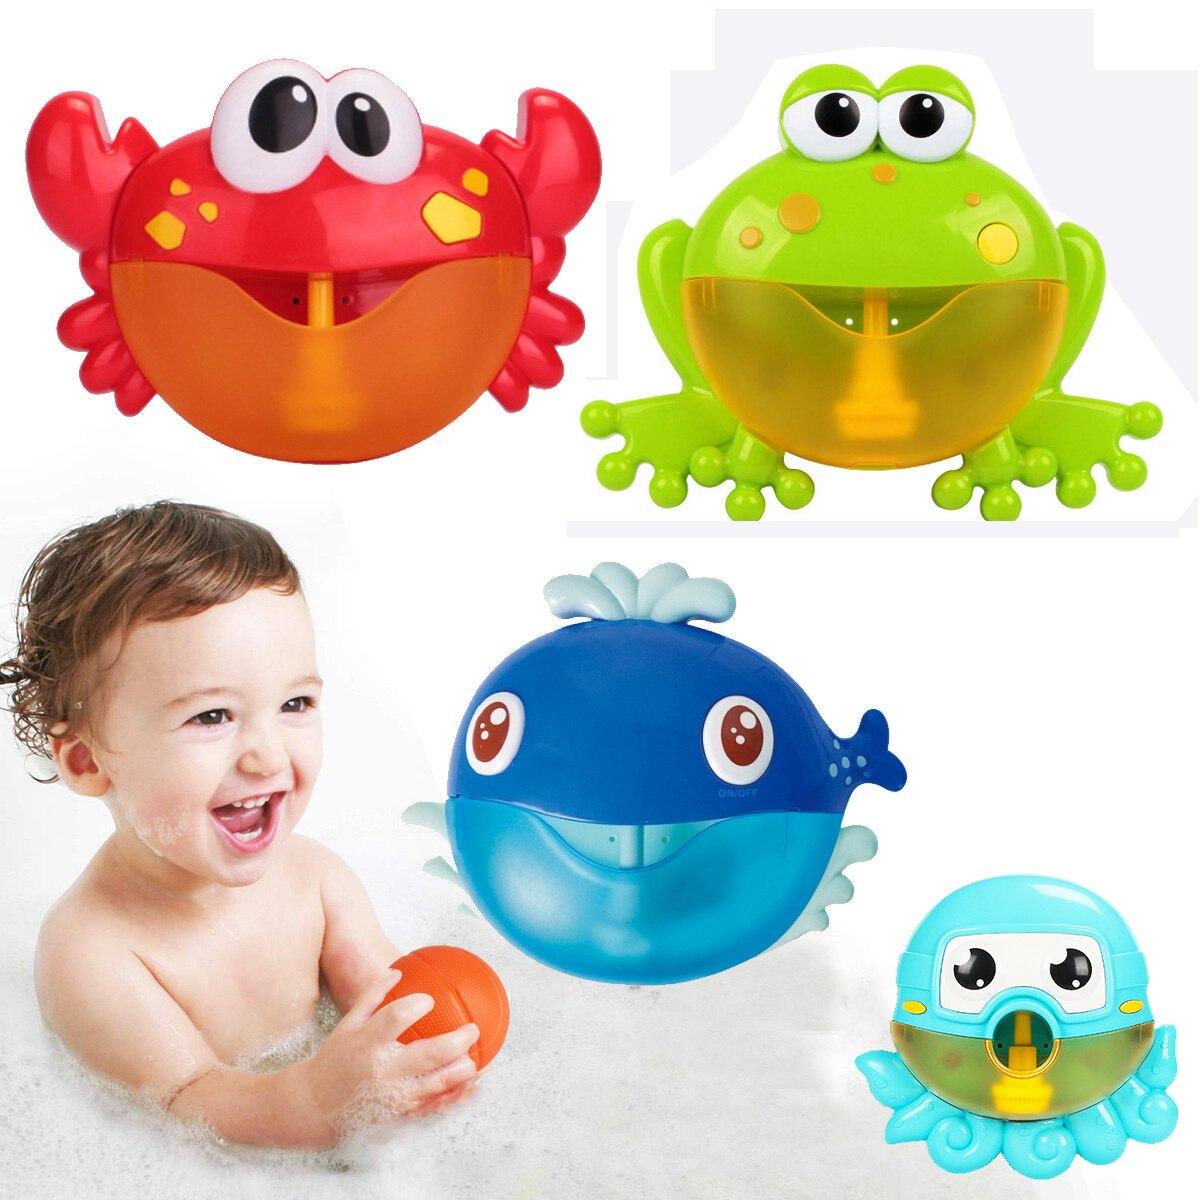 Livraison directe Machine à bulles Crabs grenouille musique enfants bain jouet baignoire savon automatique fabricant de bulles bébé salle de bain jouet pour enfants